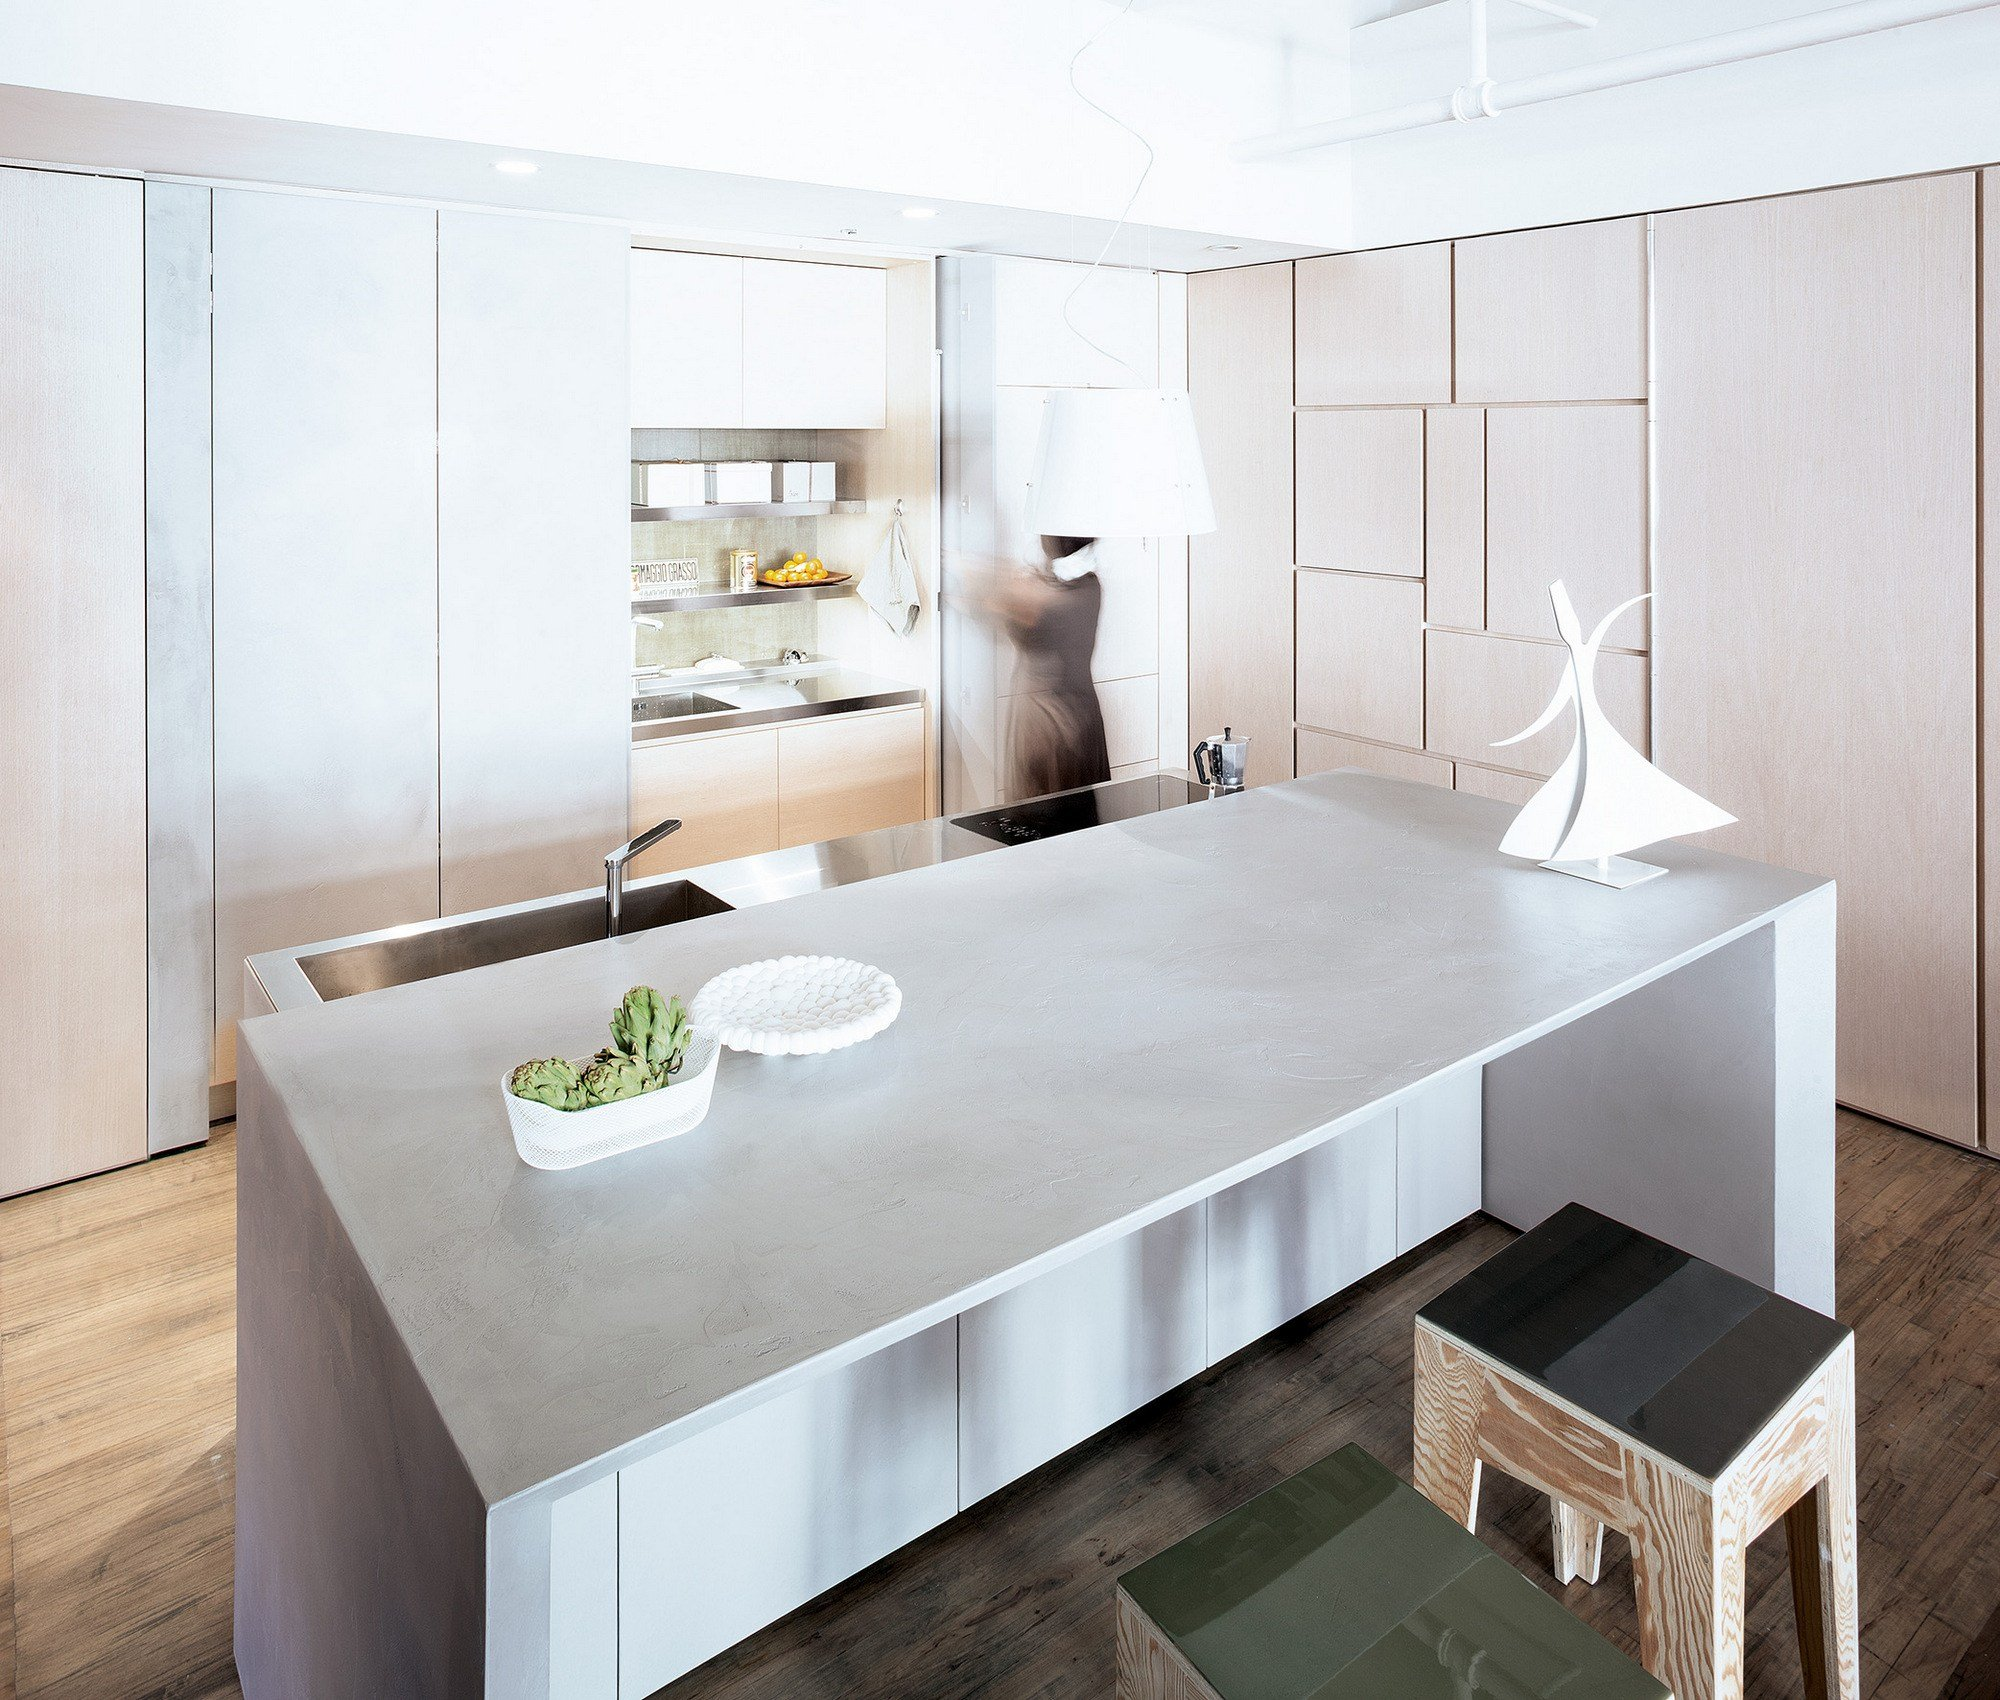 T45 evo cucina in legno by tm italia cucine for Cucine boffi con isola